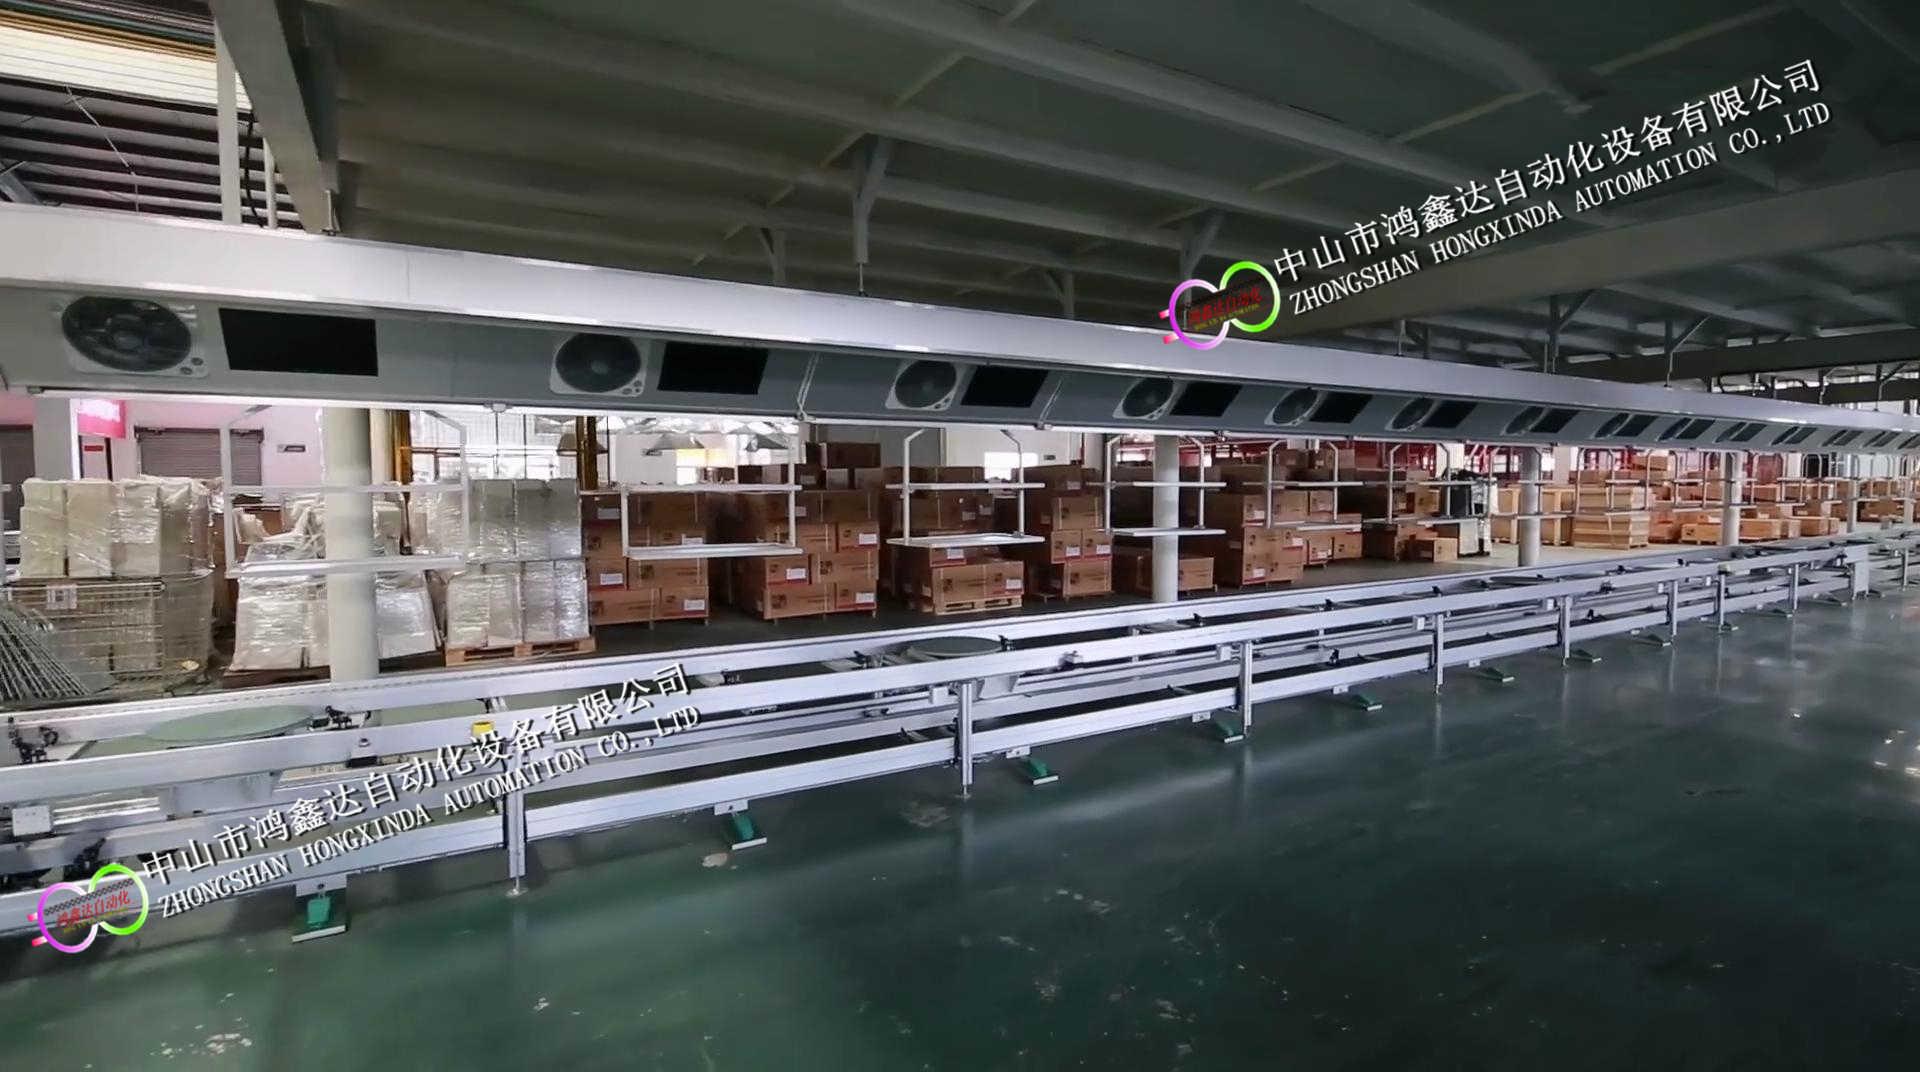 瑞马燃气壁挂炉生产检测设备及新增生产线展示-1080_20180117081831.JPG